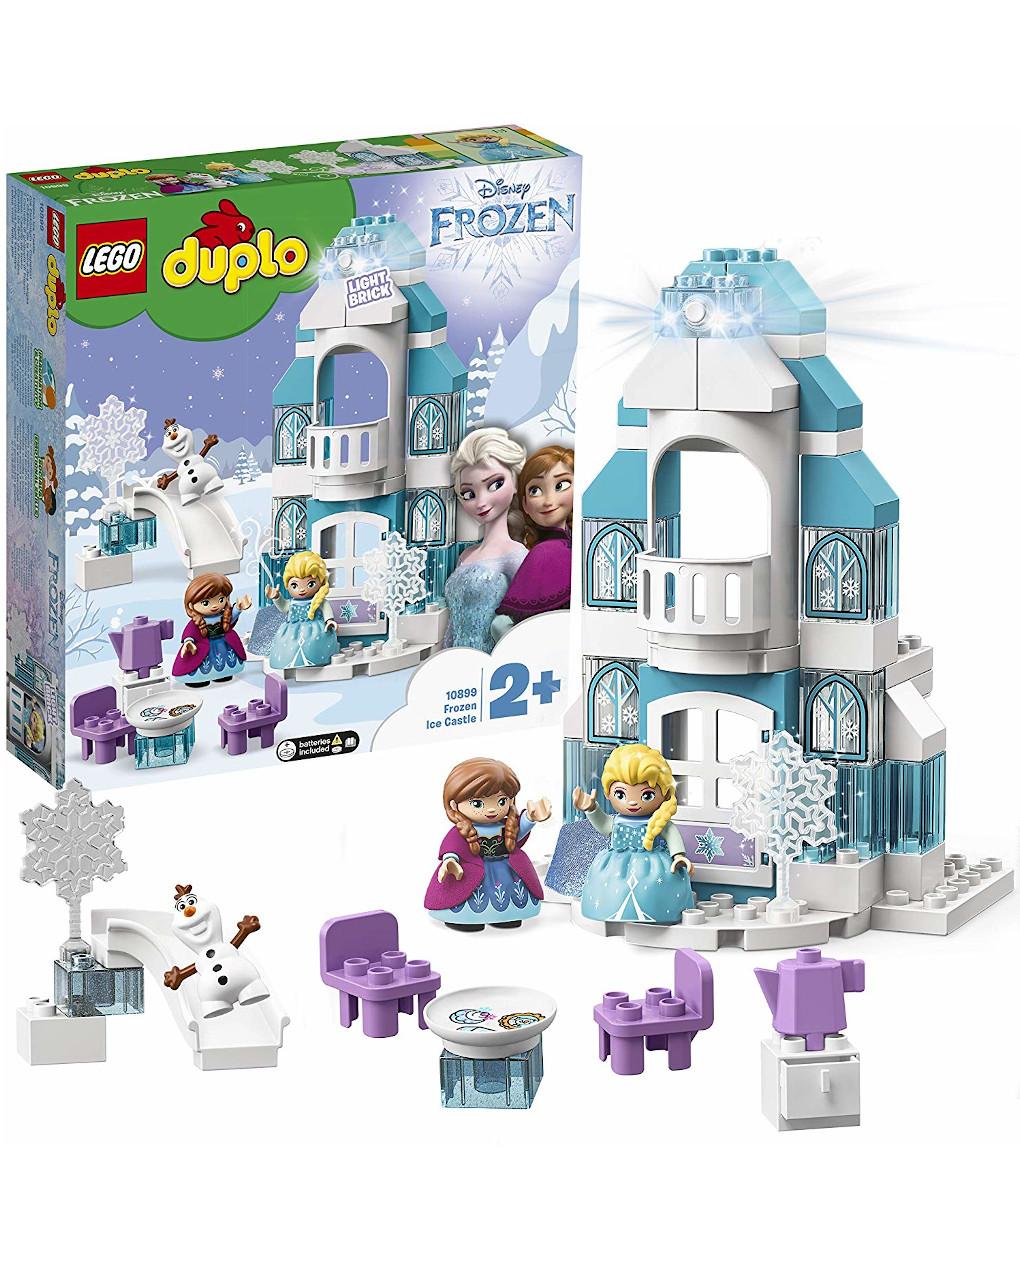 Duplo - il castello di ghiaccio di frozen - 10899 - Lego